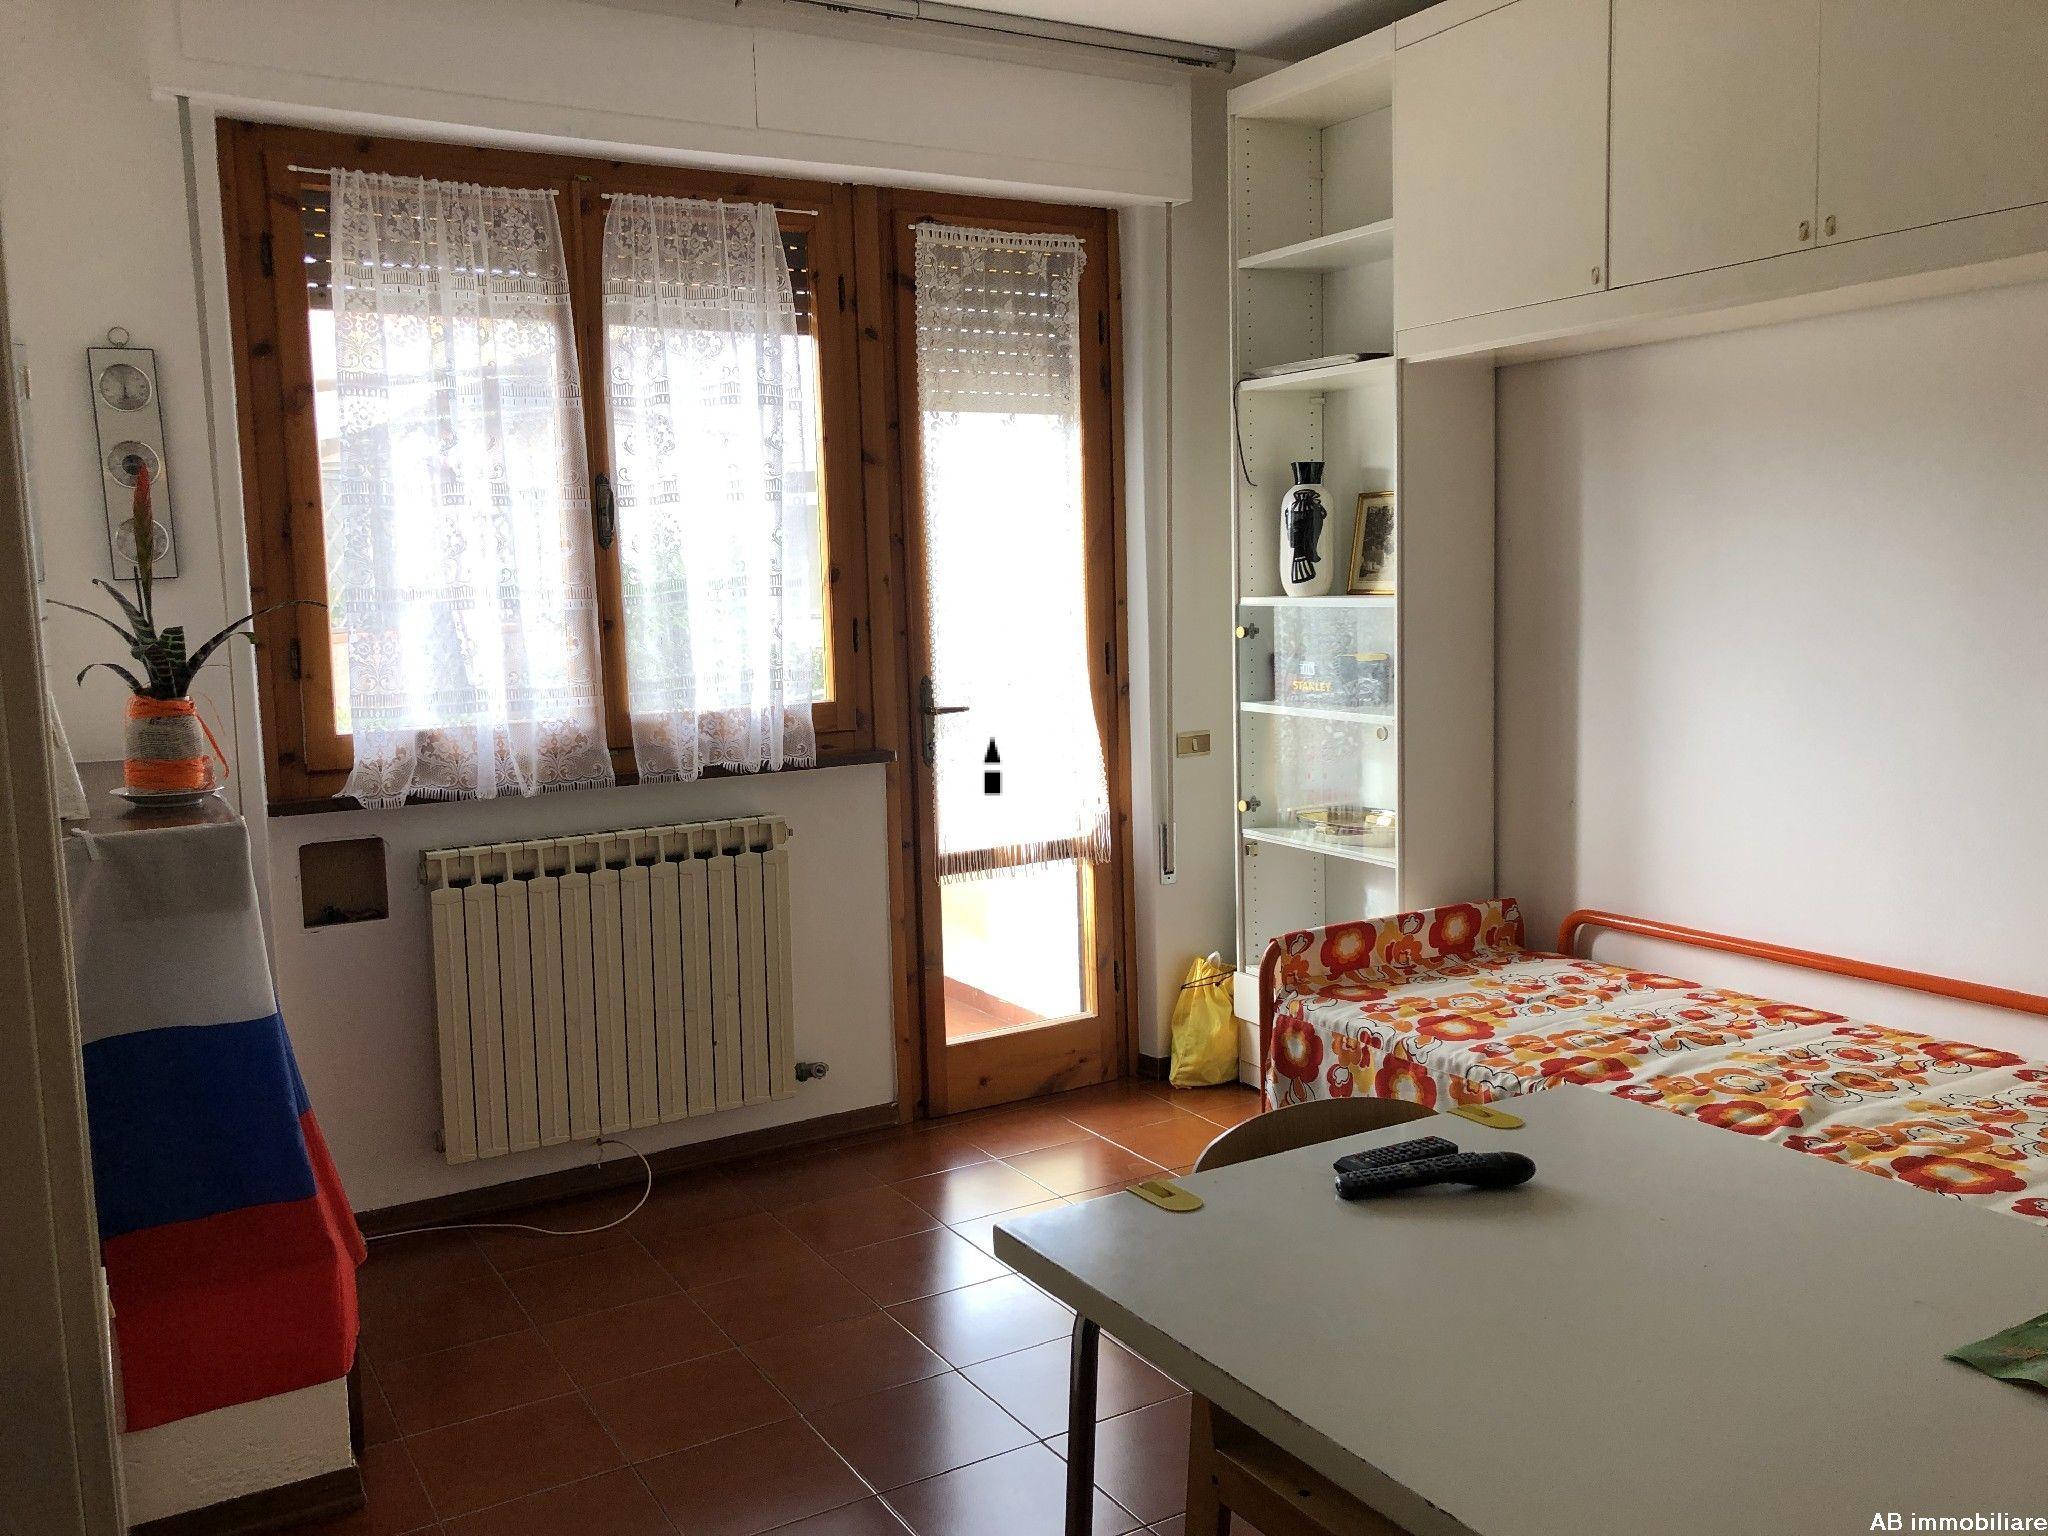 Appartamento su due livelli alla Migliarina